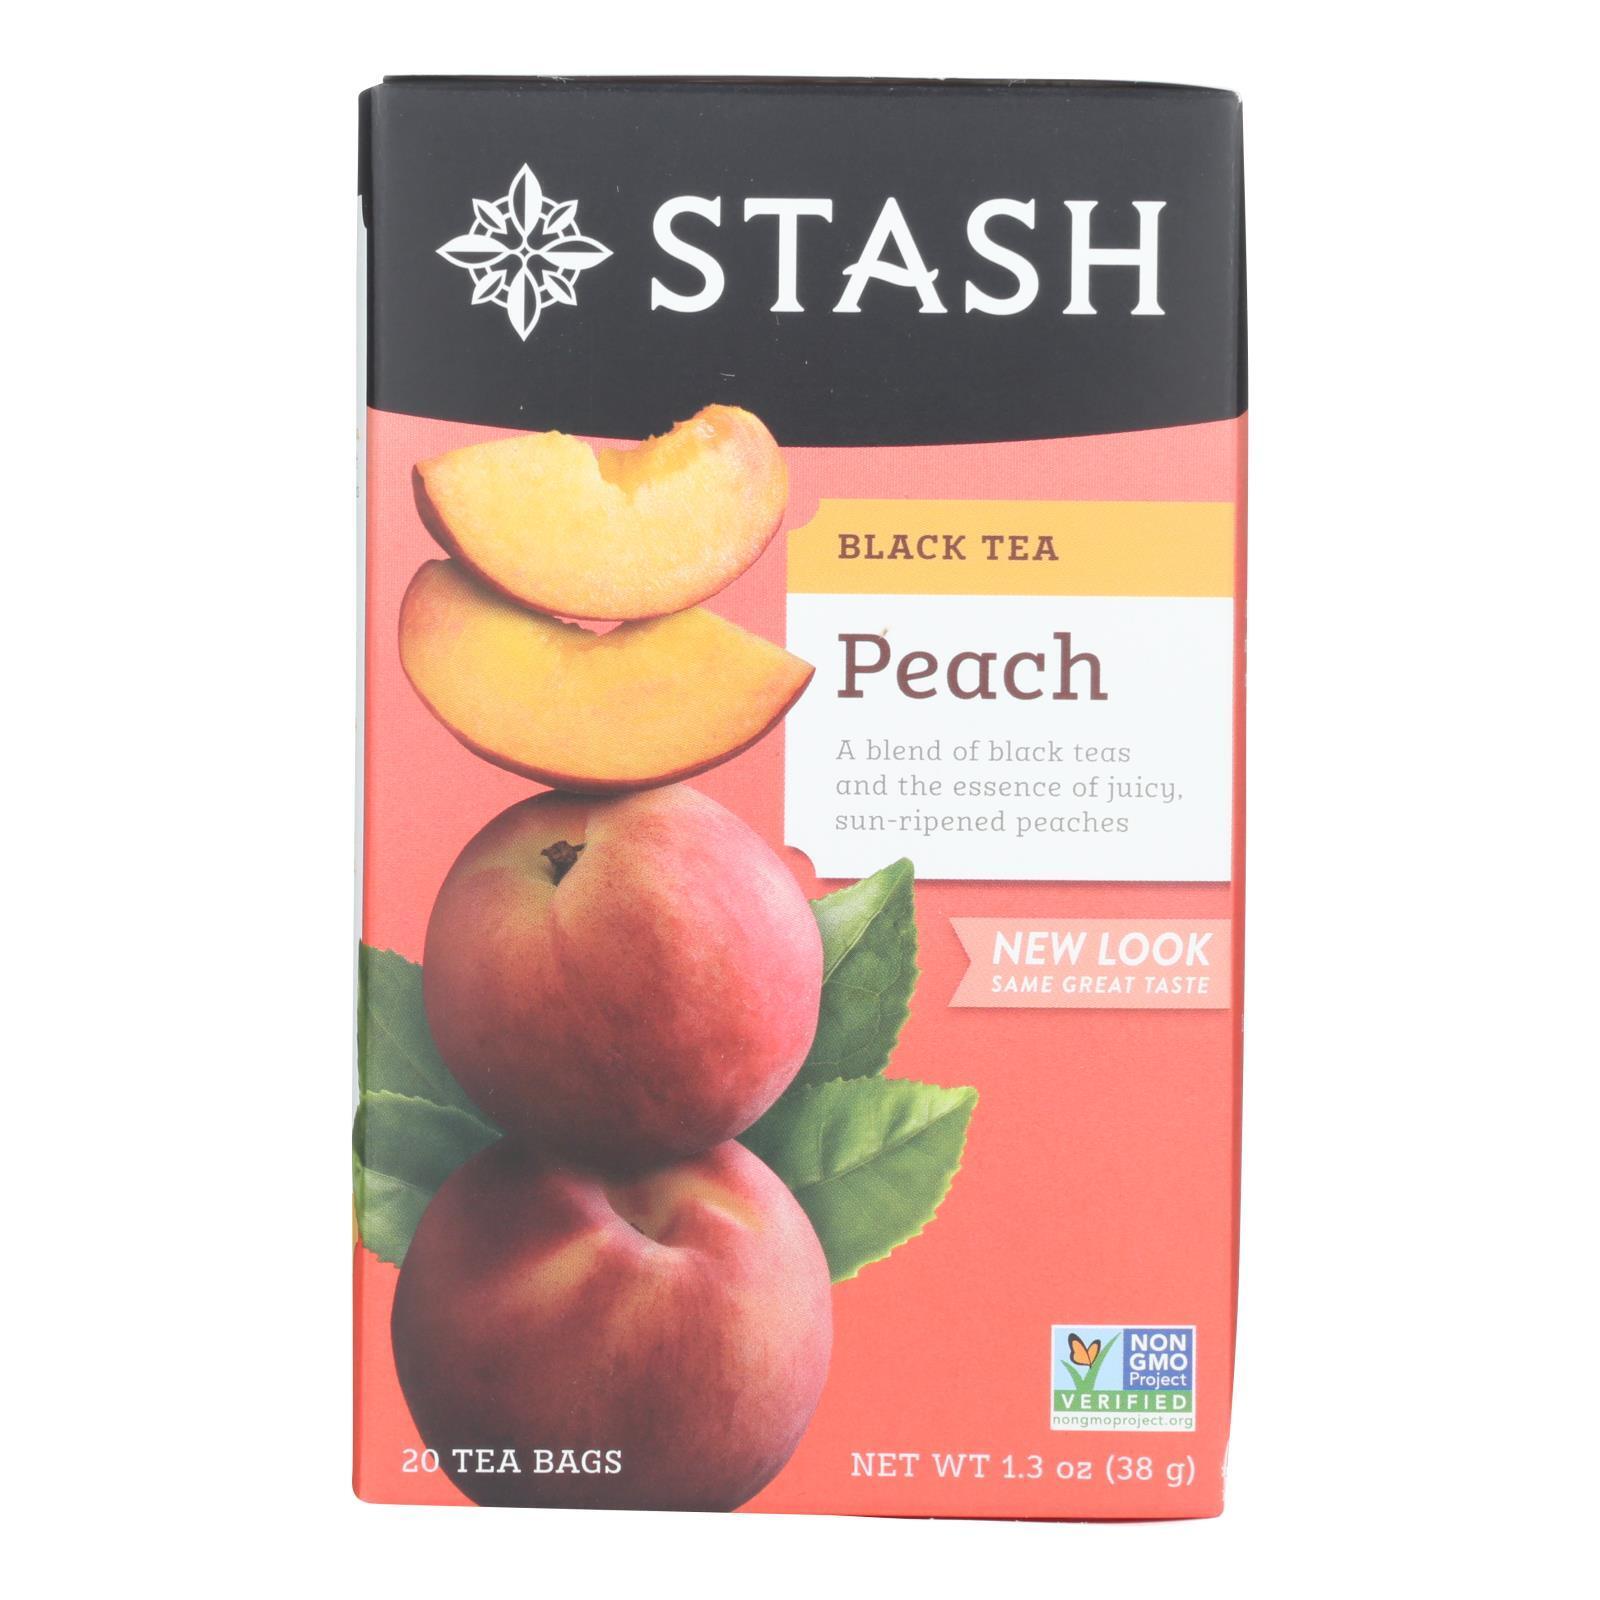 Stash Tea Tea - Black Peach - Case of 6 - 20 count